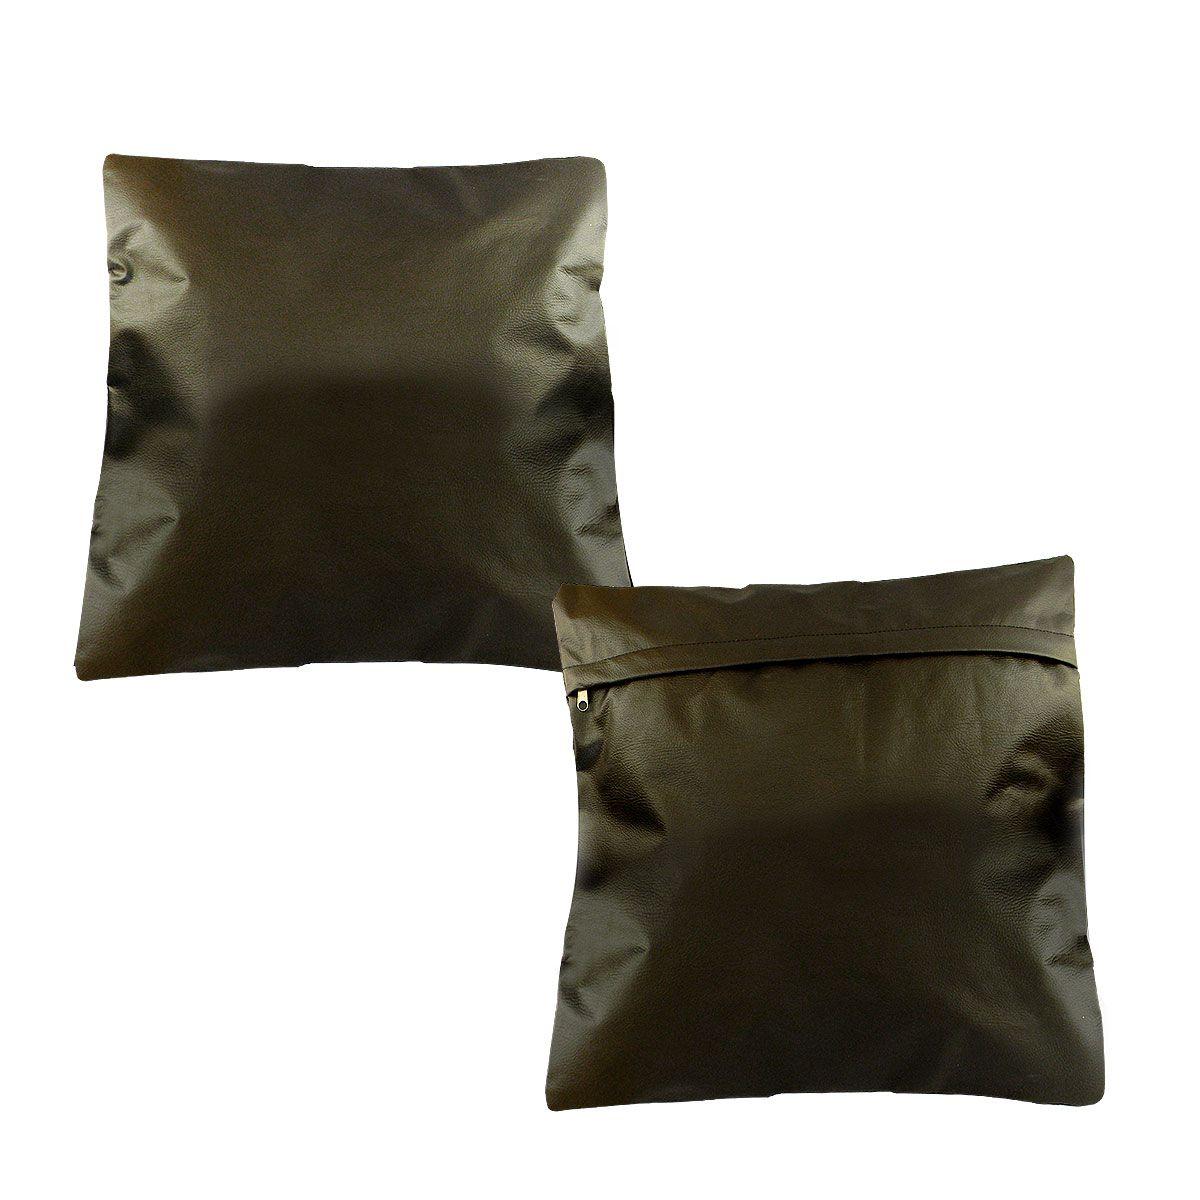 Kit 2 Capa para almofada em Corino 40 x 40 cm Impermeável